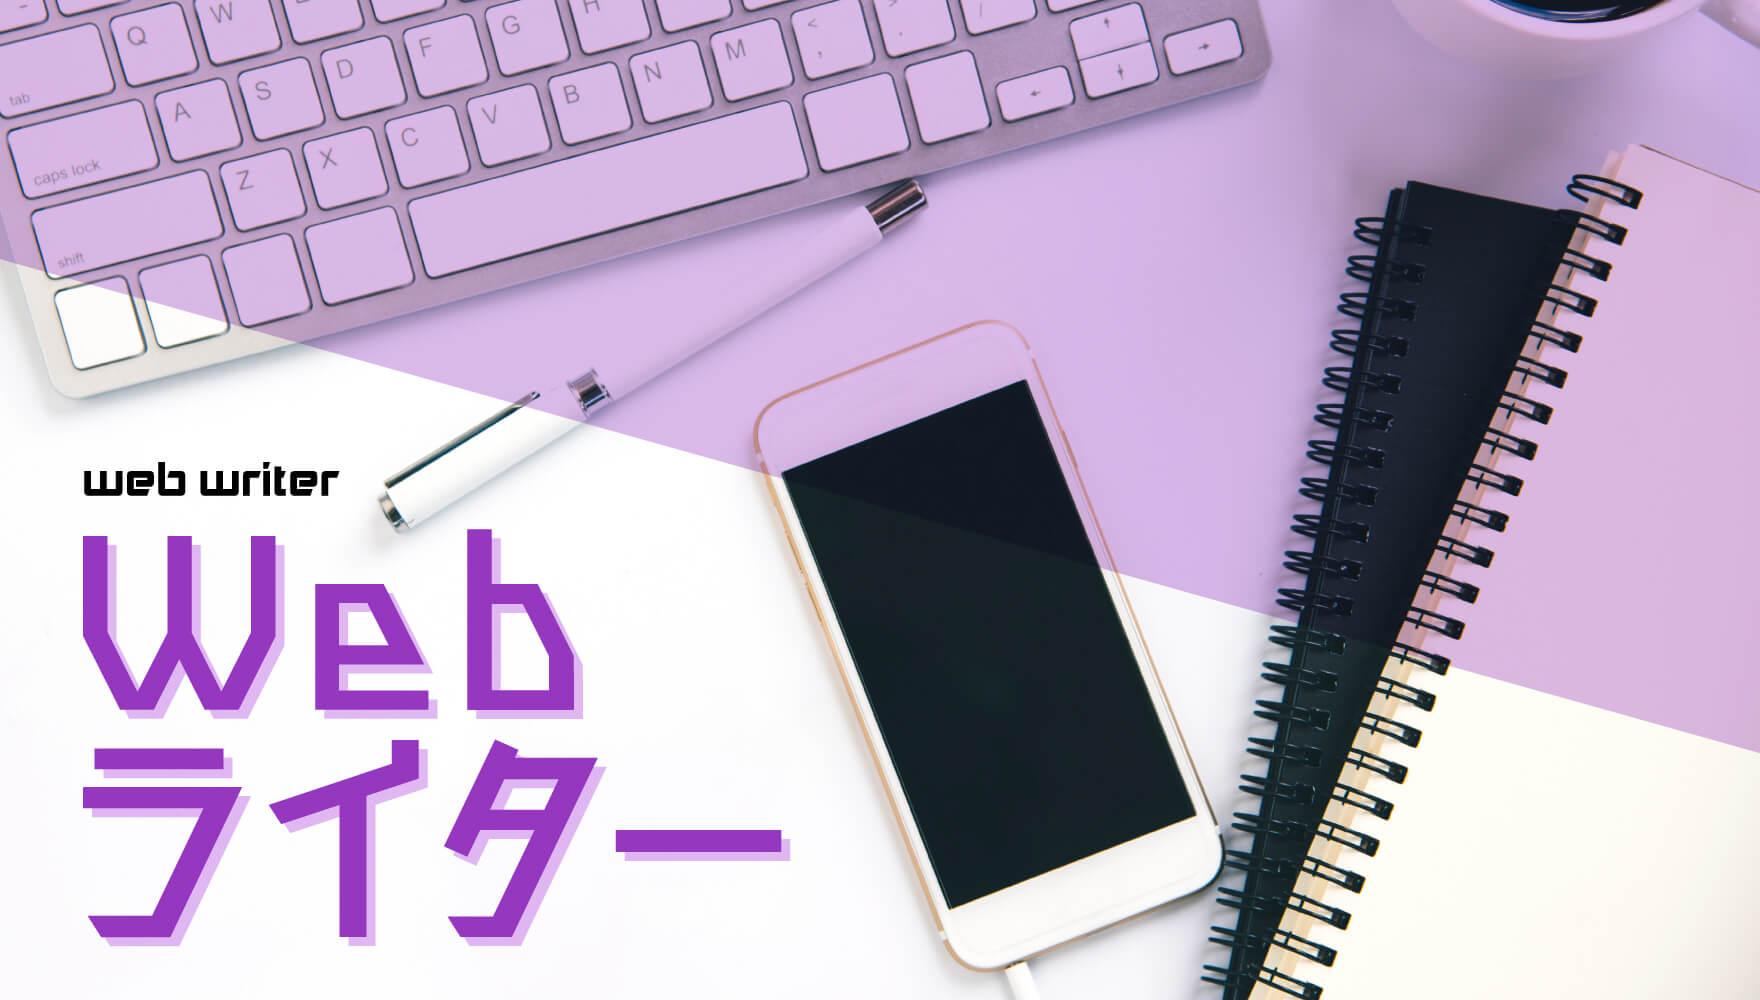 web_writer